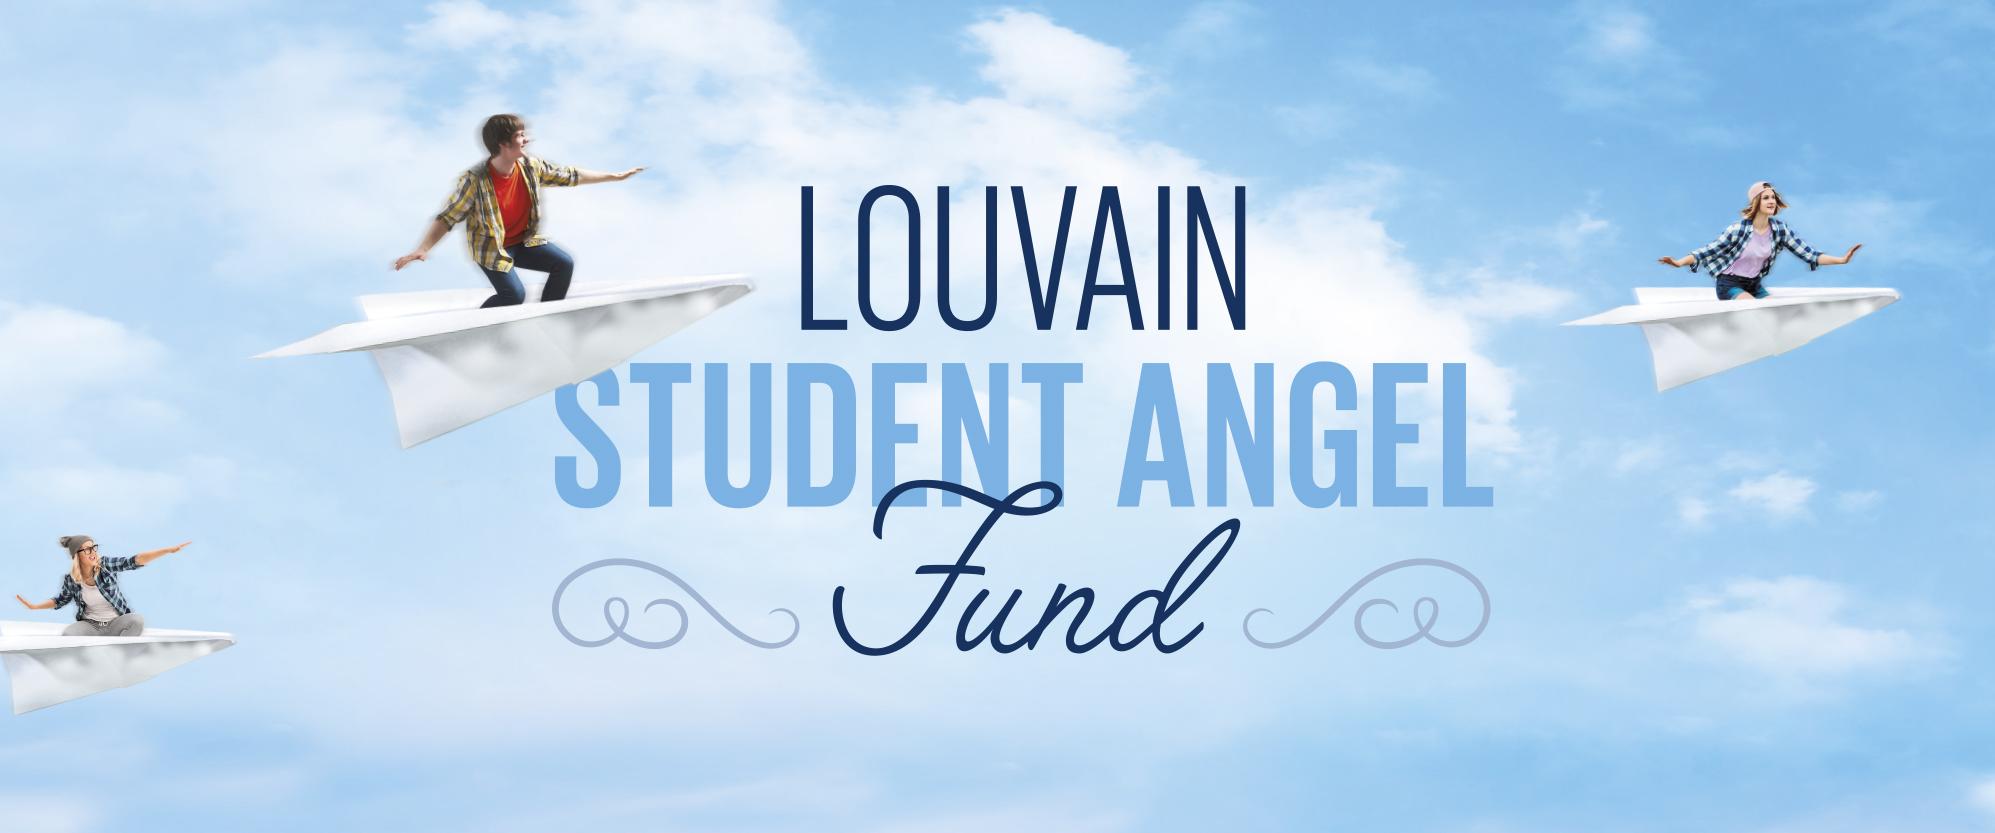 Un fonds 100% à destination des étudiants